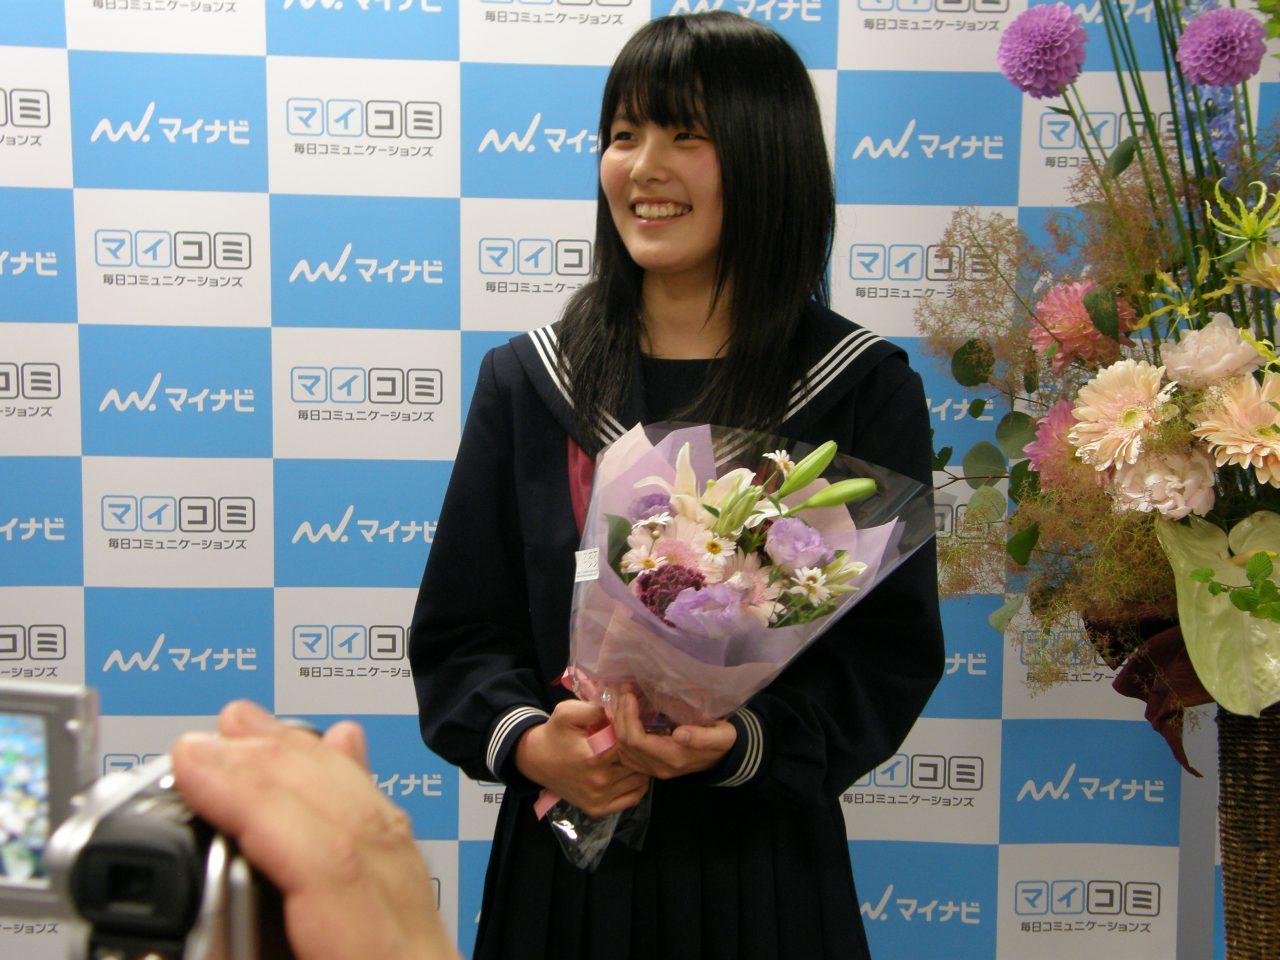 里見香奈女流五冠、女性初の四段プロ棋士を目指して